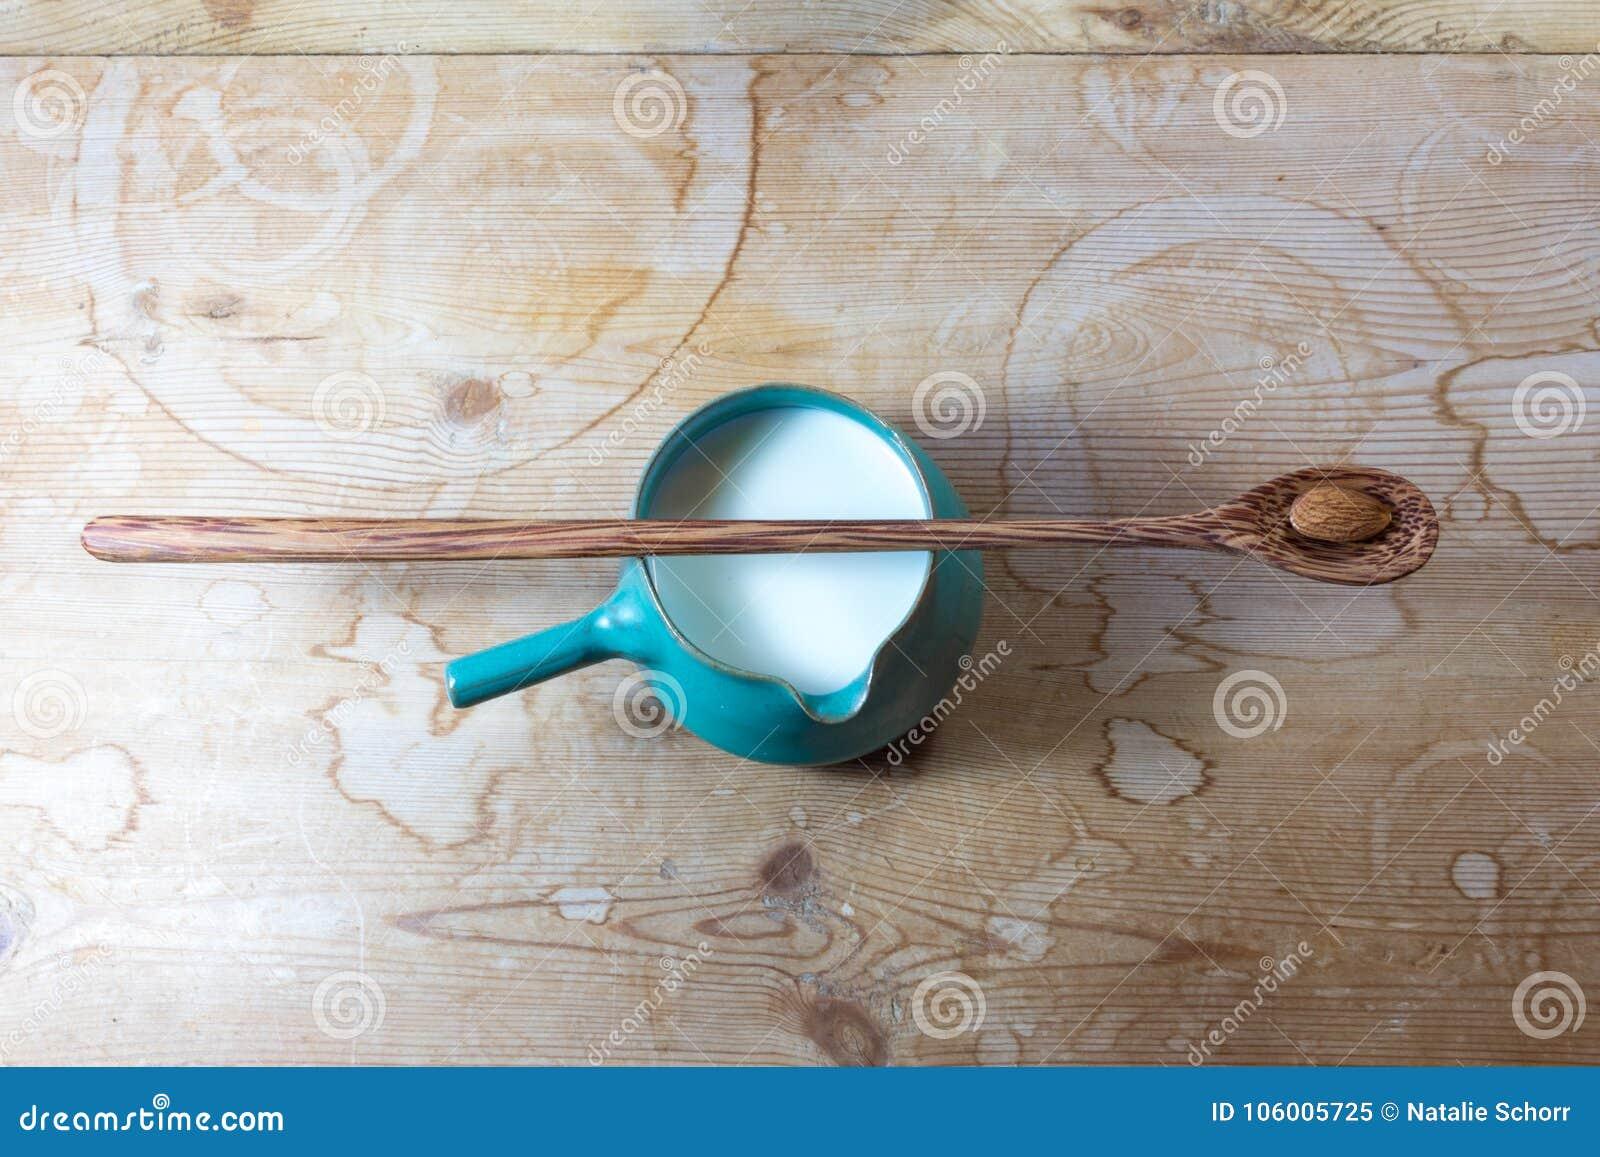 Zielony boczny rękojeść pucharu miotacz migdału mleko, centrowany, bardzo tęsk drewniana łyżka z pojedynczym migdałem balansujący